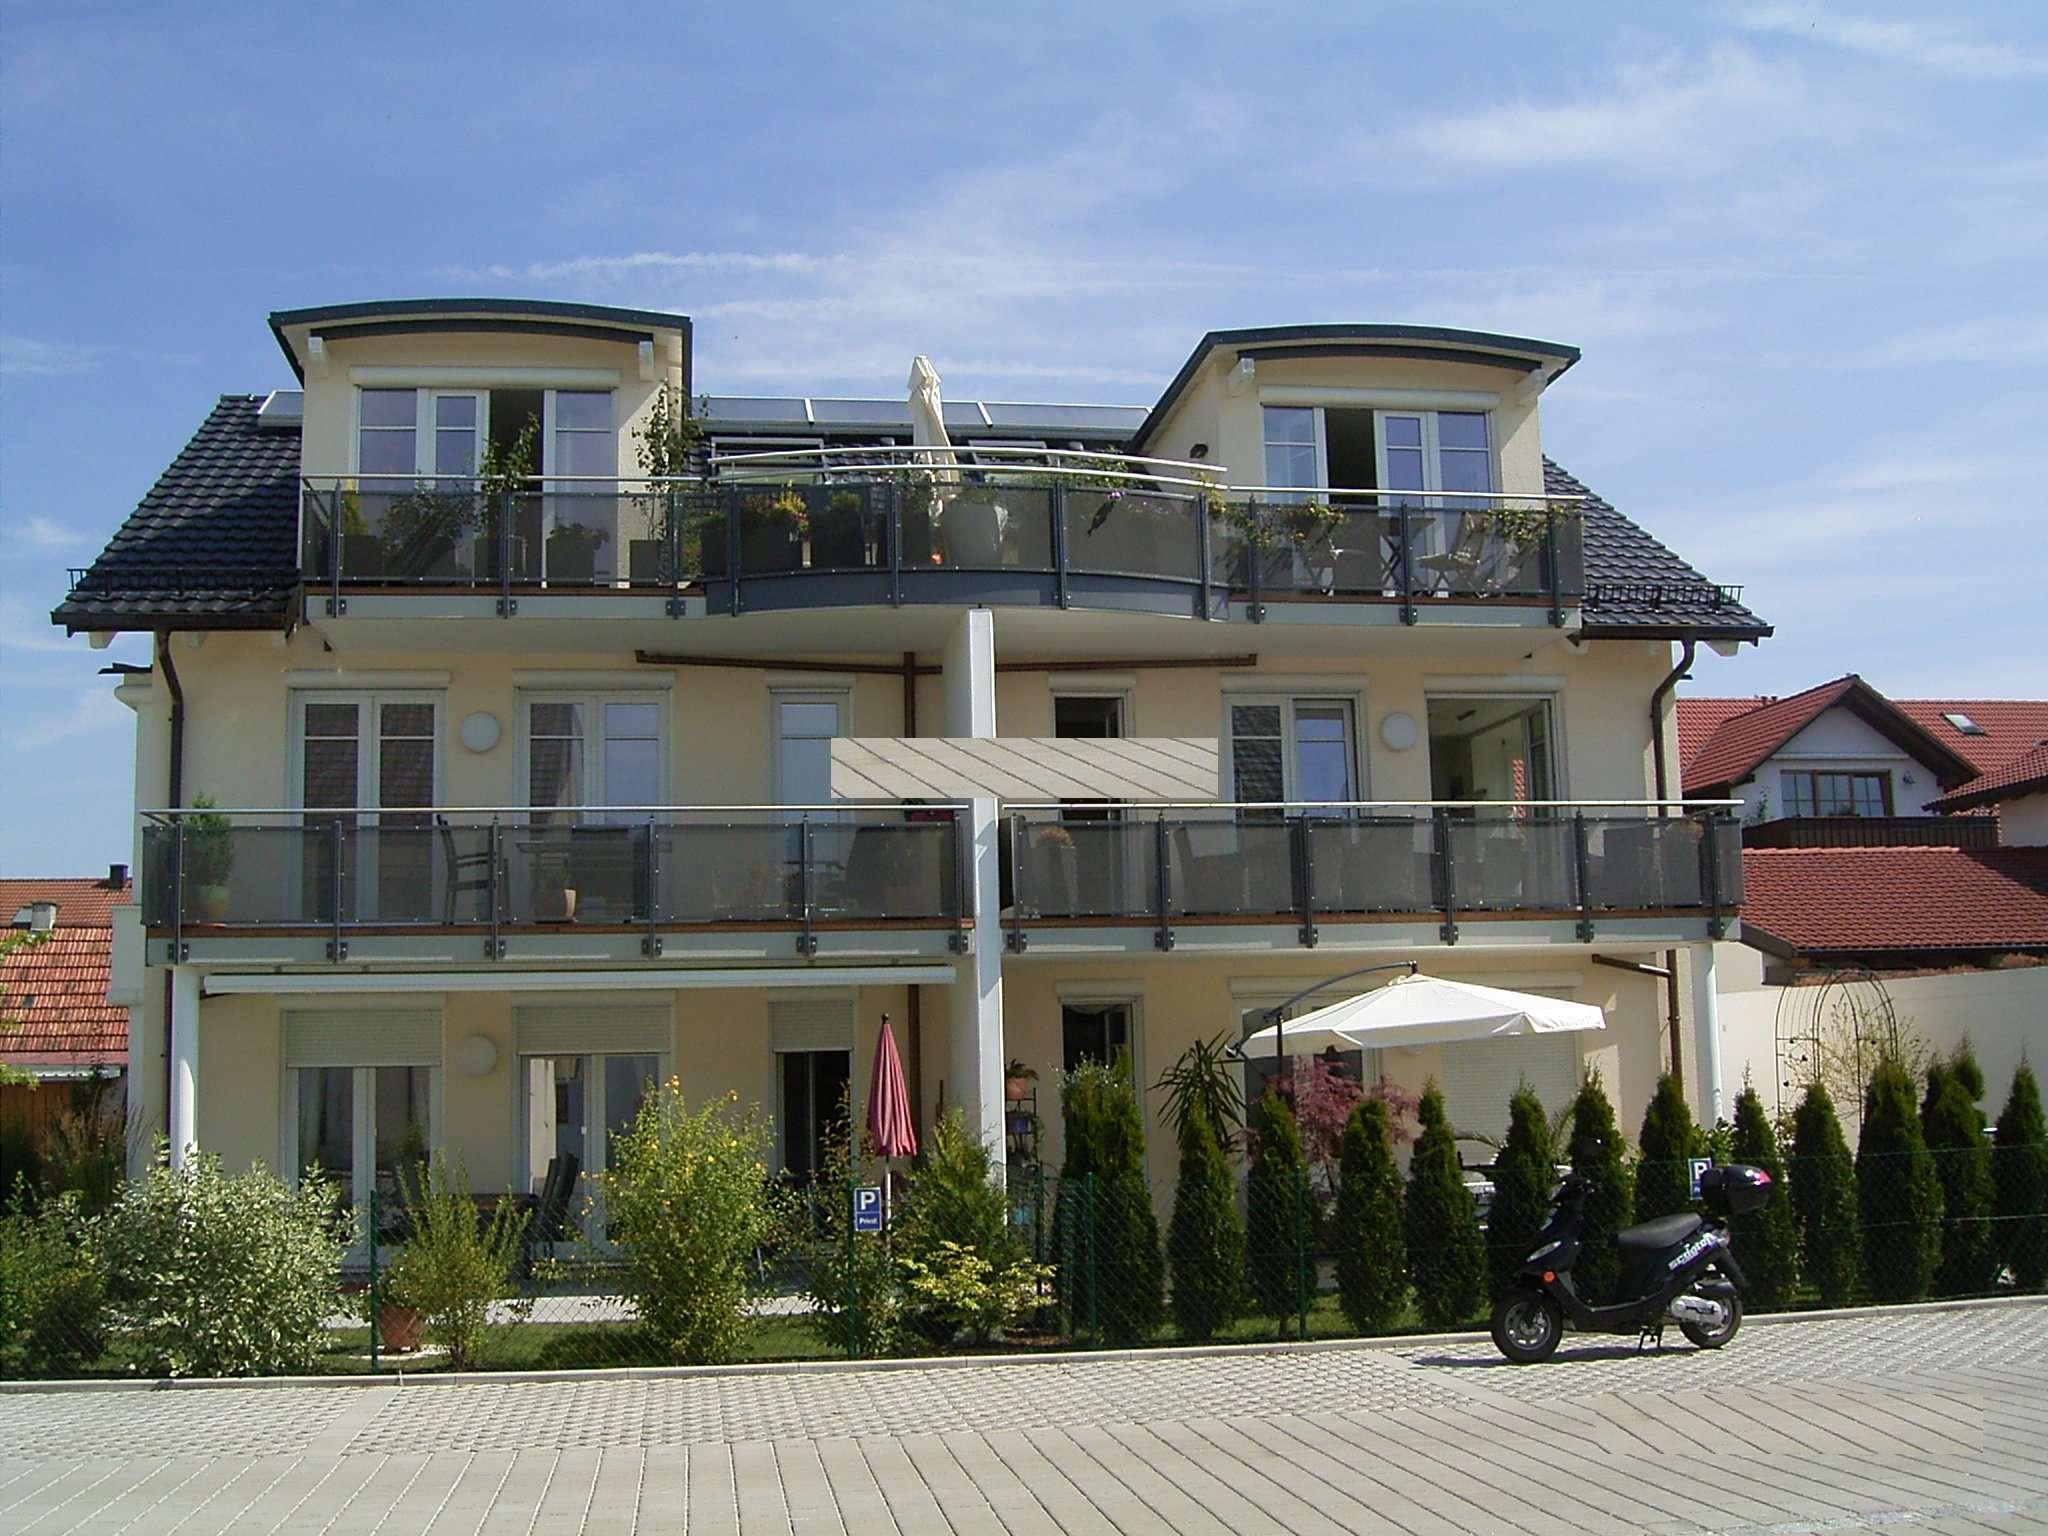 Exklusive, neuwertige 2-Zimmer-Sonnen-Wohnung mit großem Balkon  in Olching (FFB)